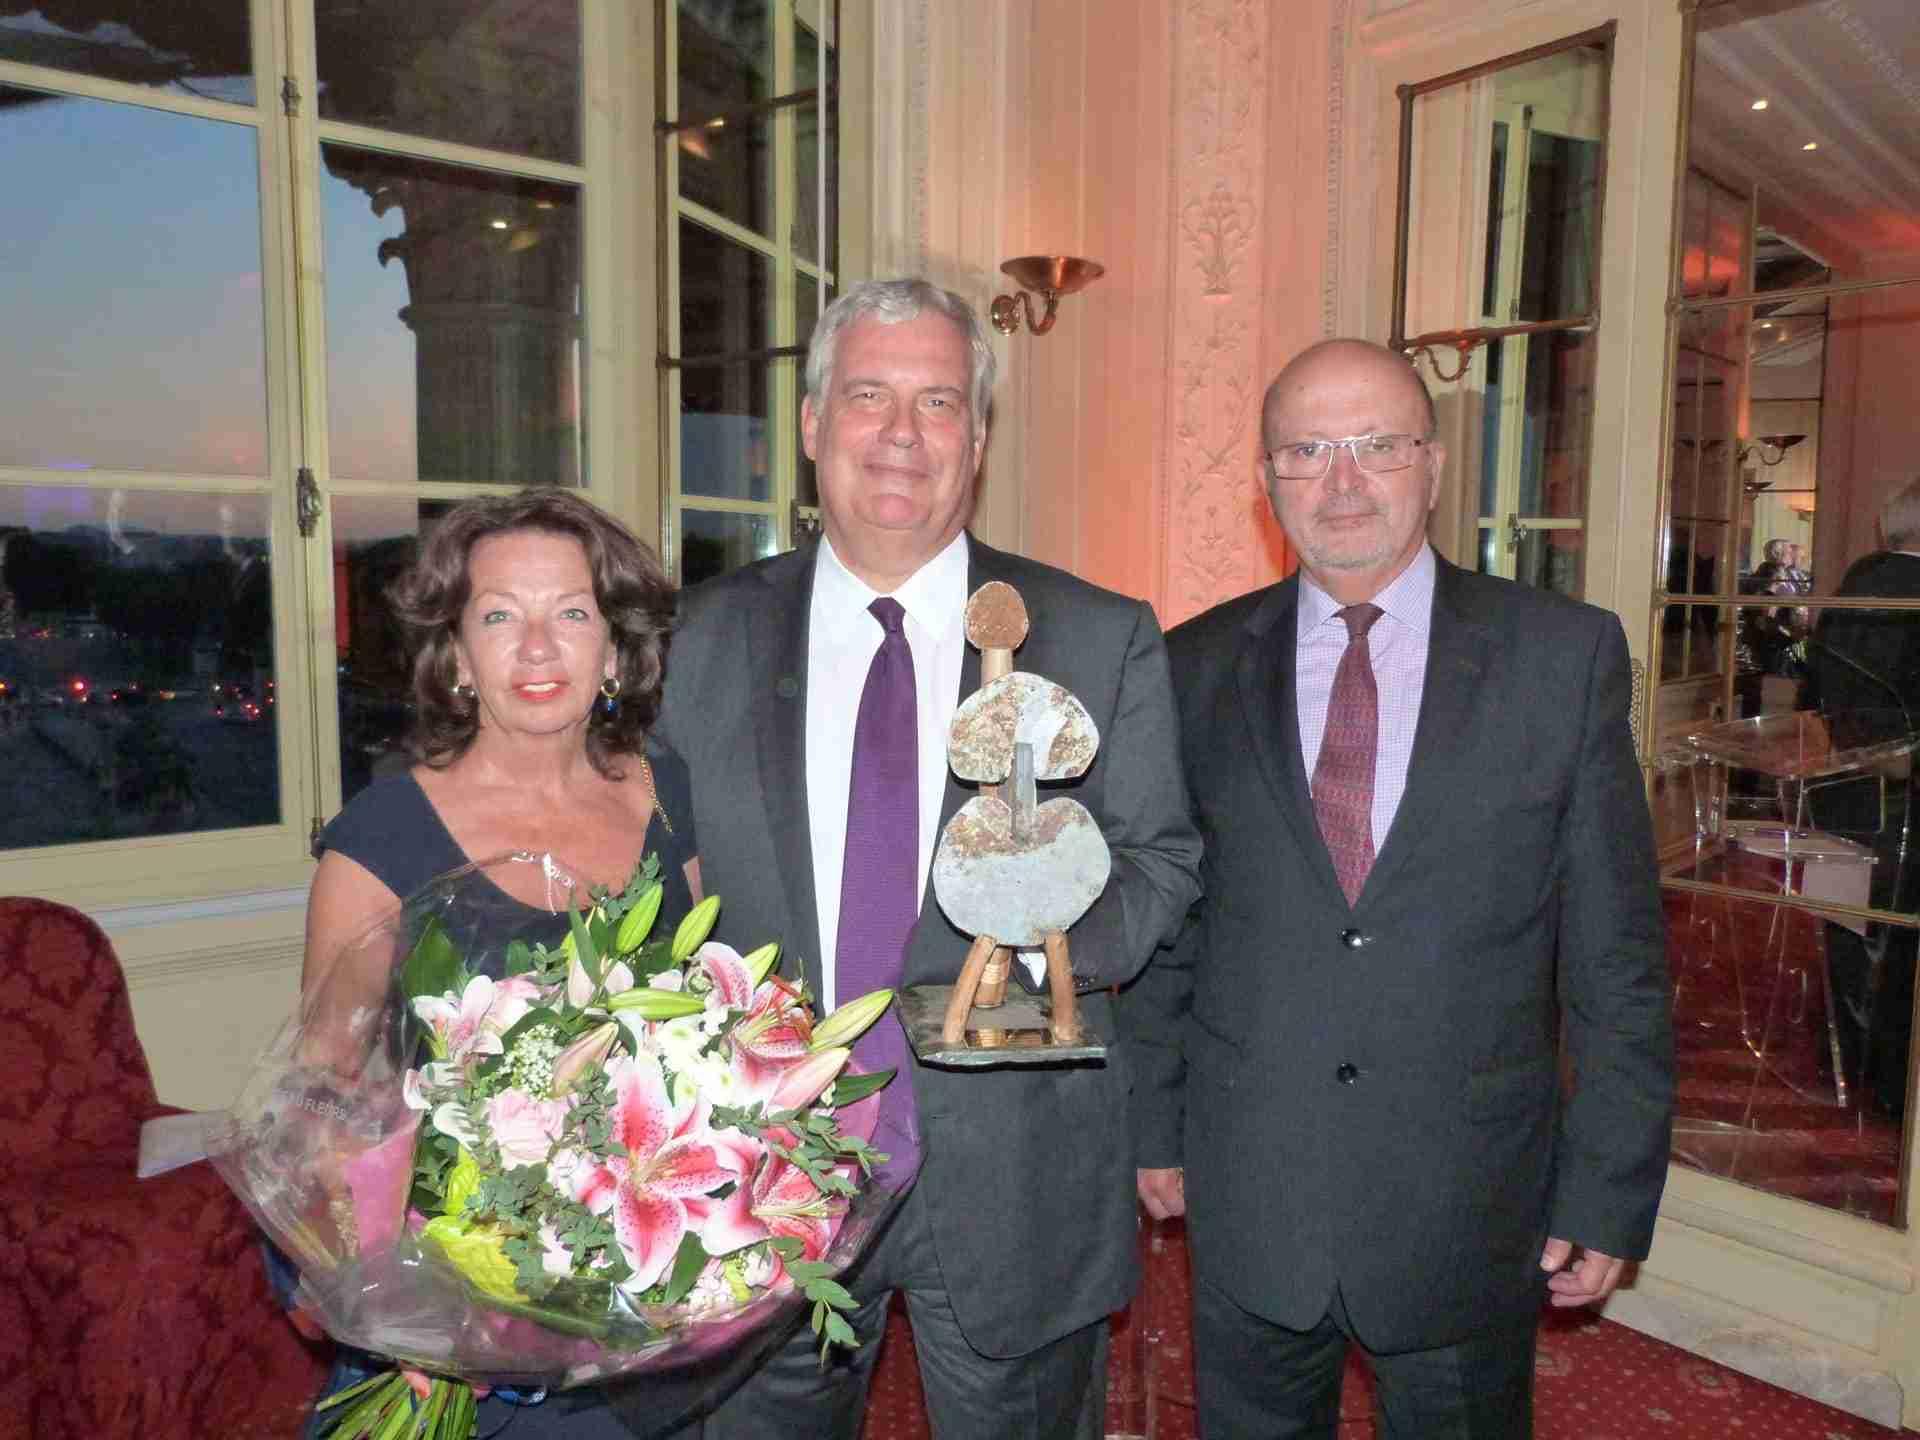 M. Pierre Dufour, Directeur Général Délégué d'Air Liquide, récipiendaire 2013.